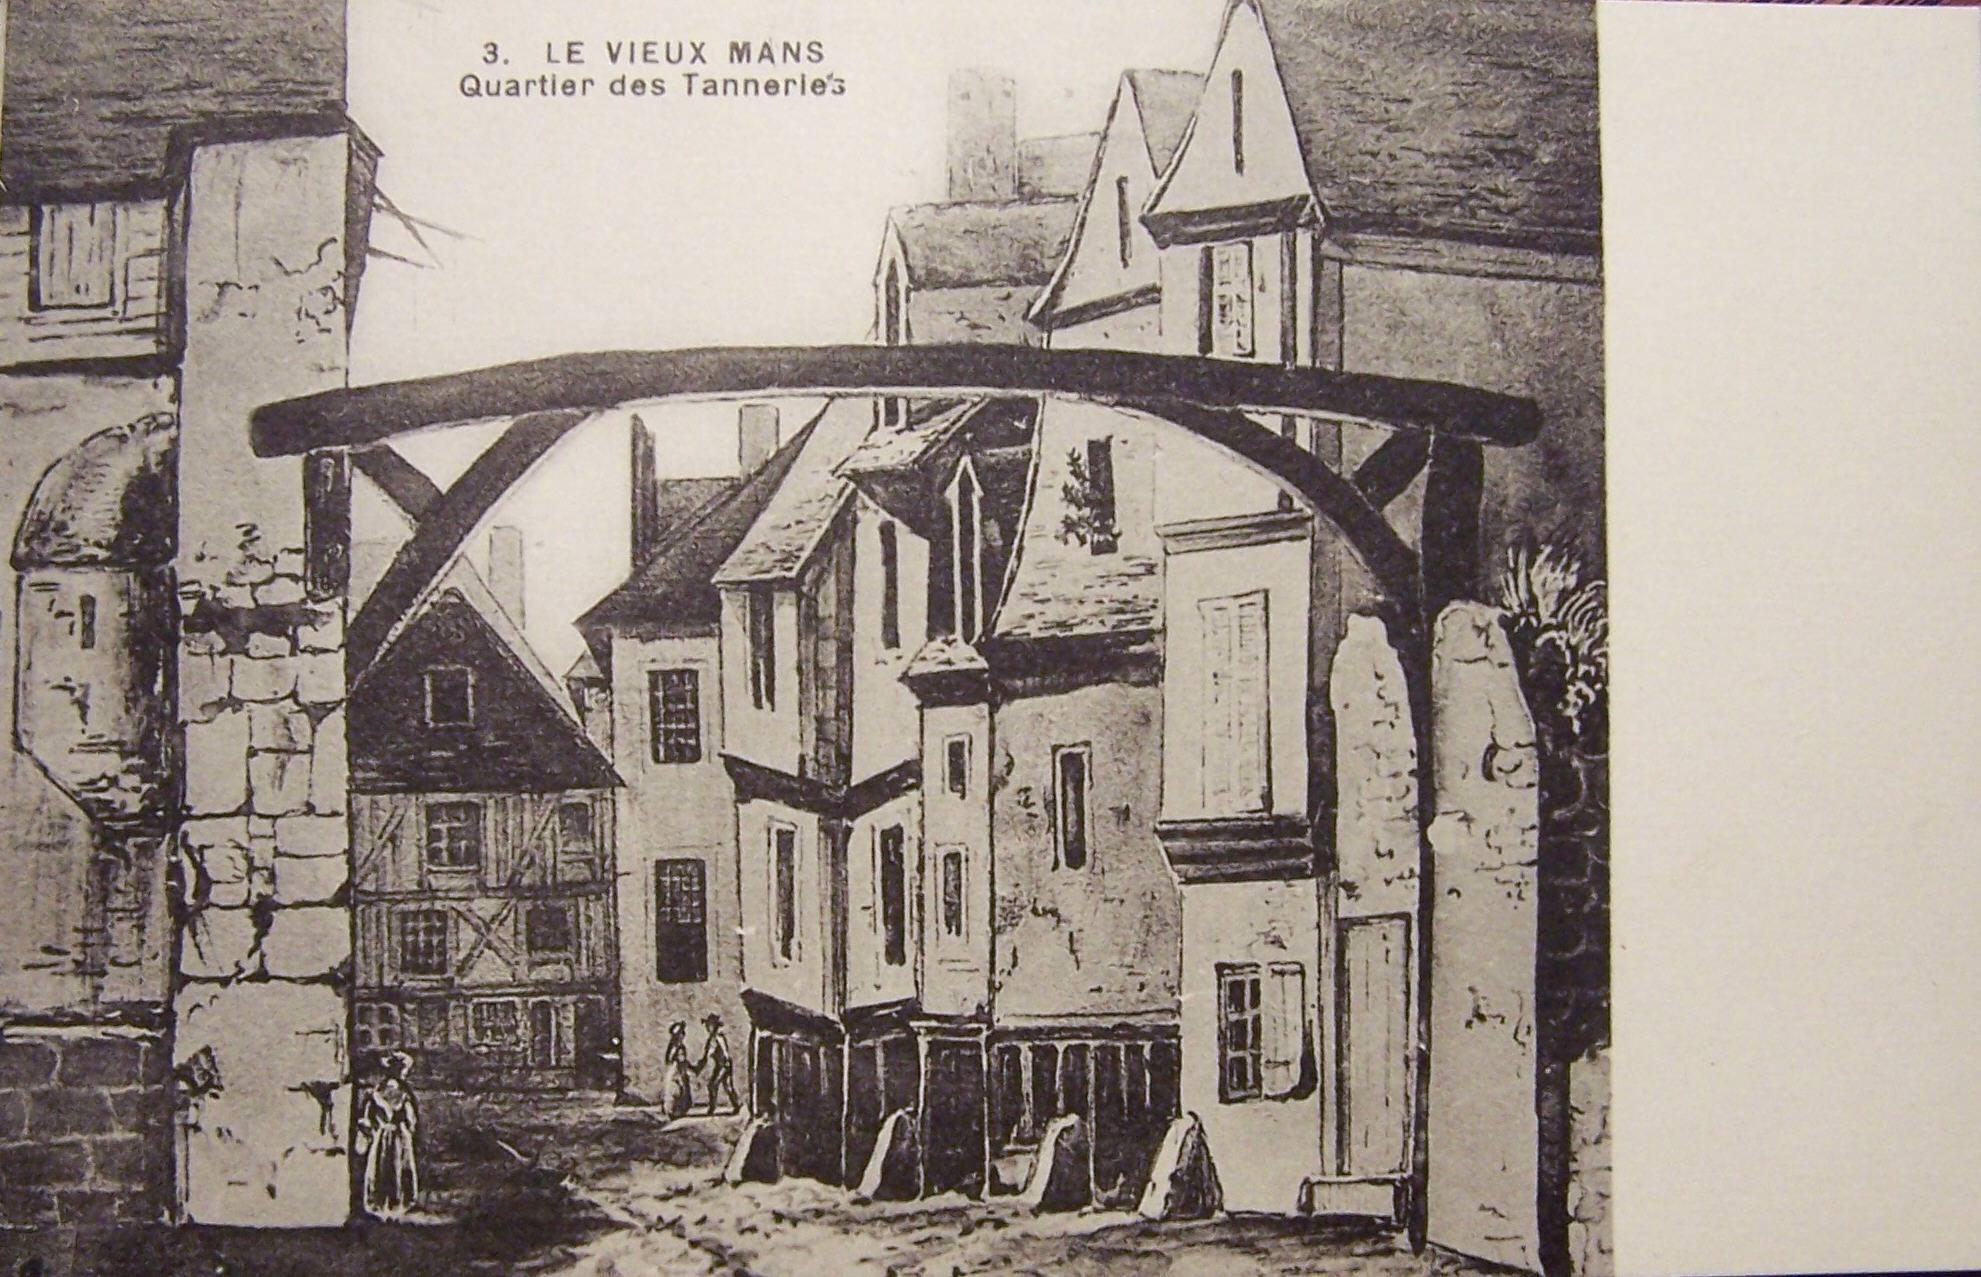 Le Vieux Mans - Quartier des Tanneries